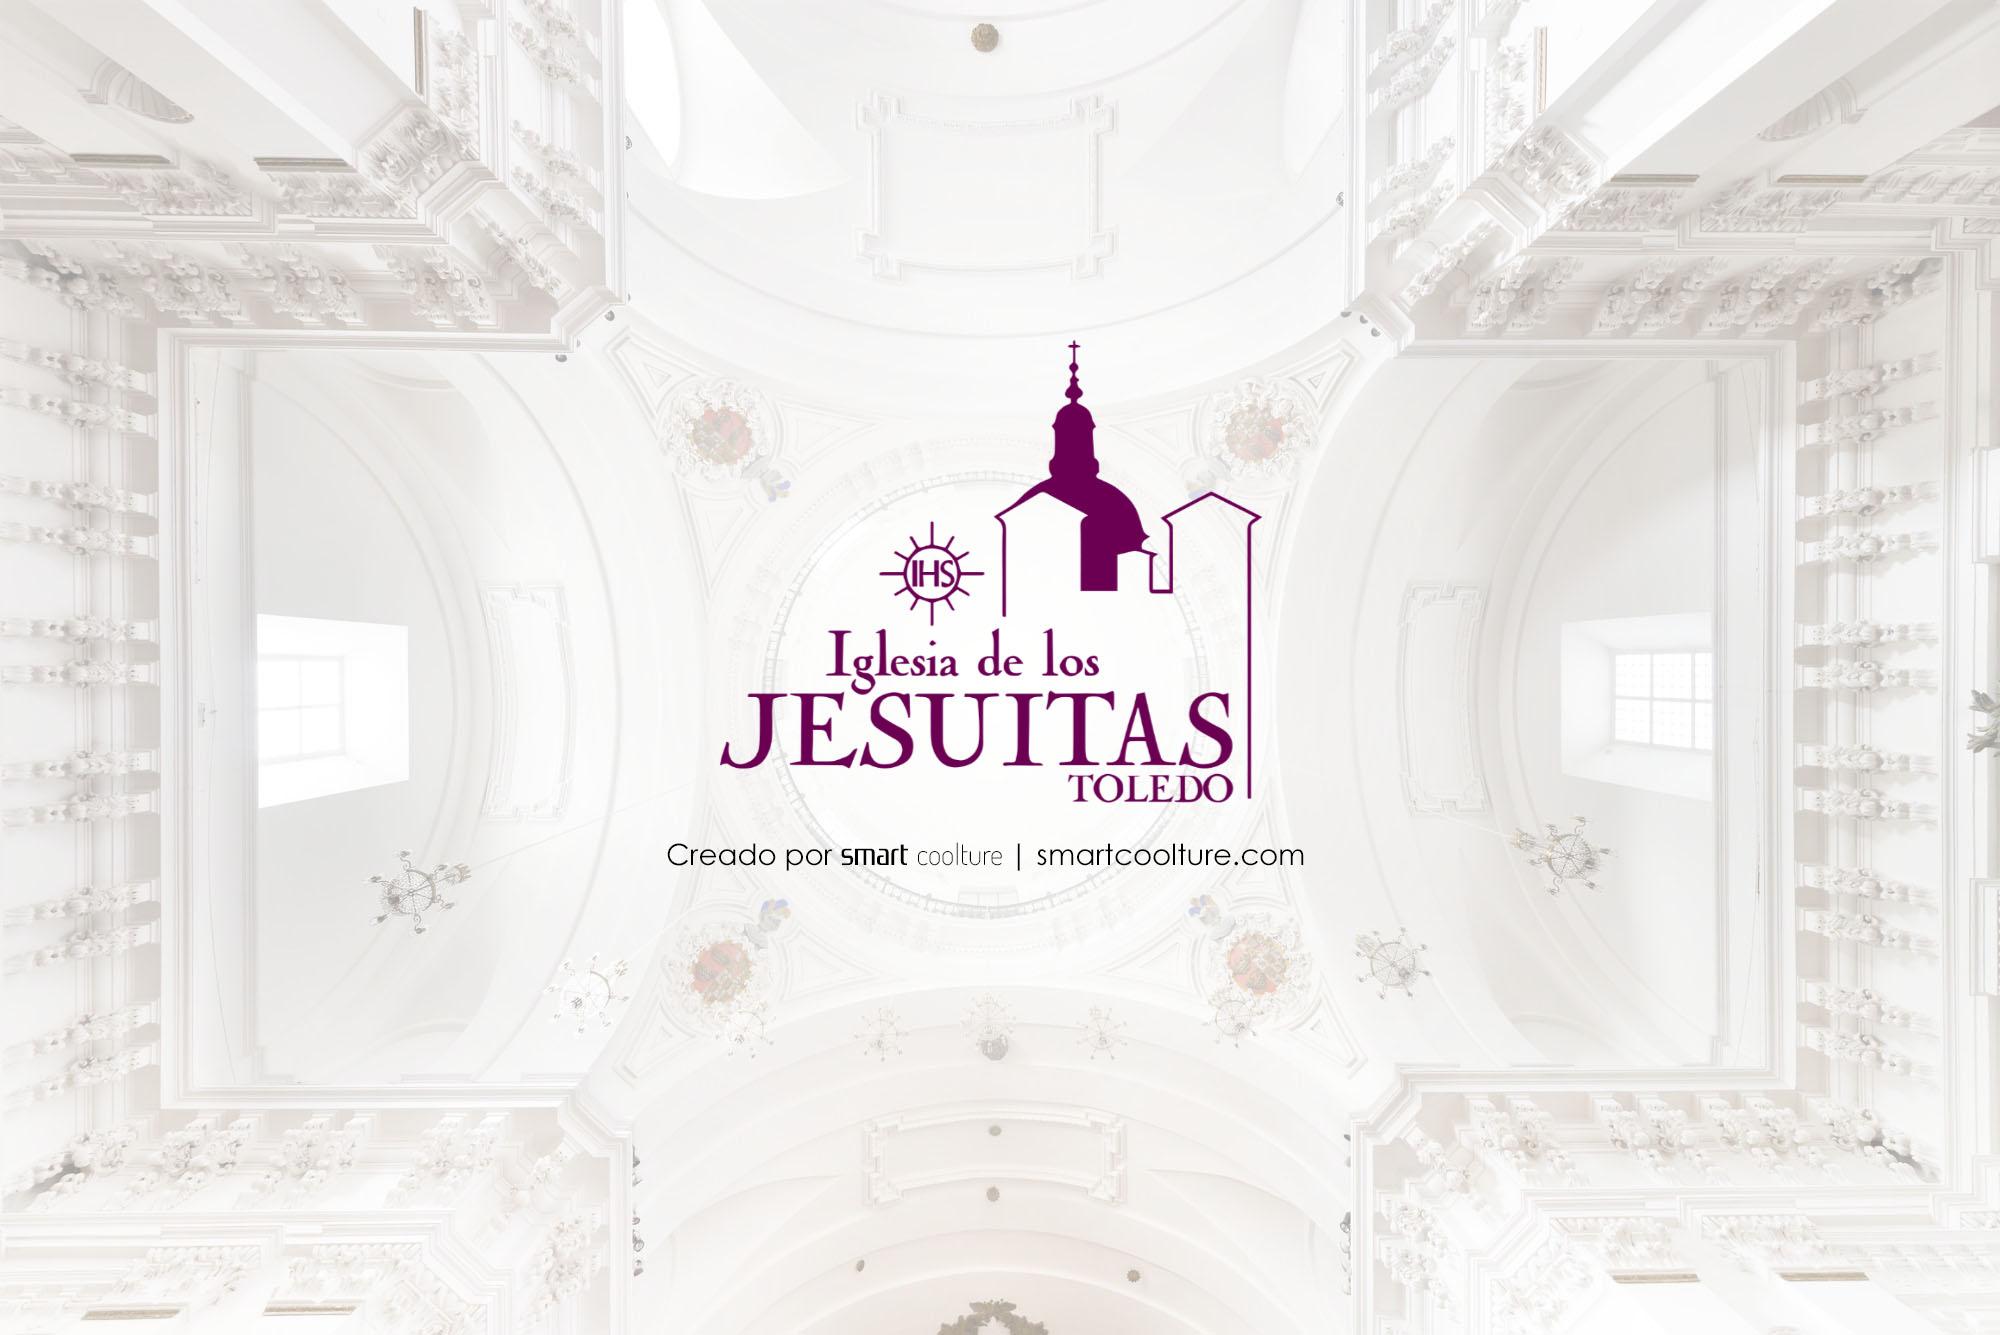 Los Jesuitas | smart coolture | Experiencias virtuales | Una idea original de Proyectos Culturales | realidad virtual patrimonio